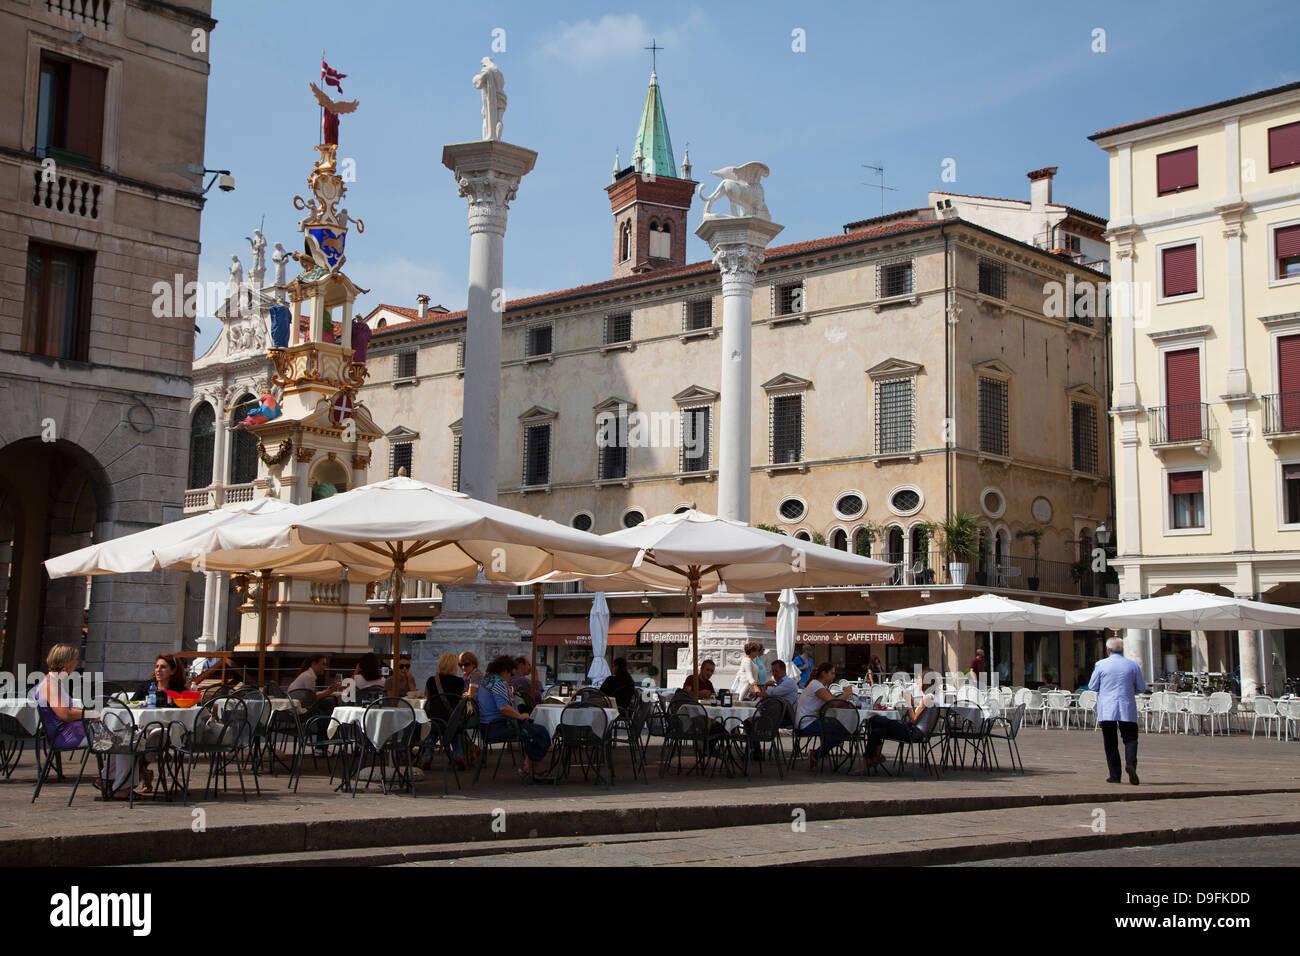 Piazza dei Signori, Vicenza, UNESCO World Heritage Site, Veneto, Italy - Stock Image